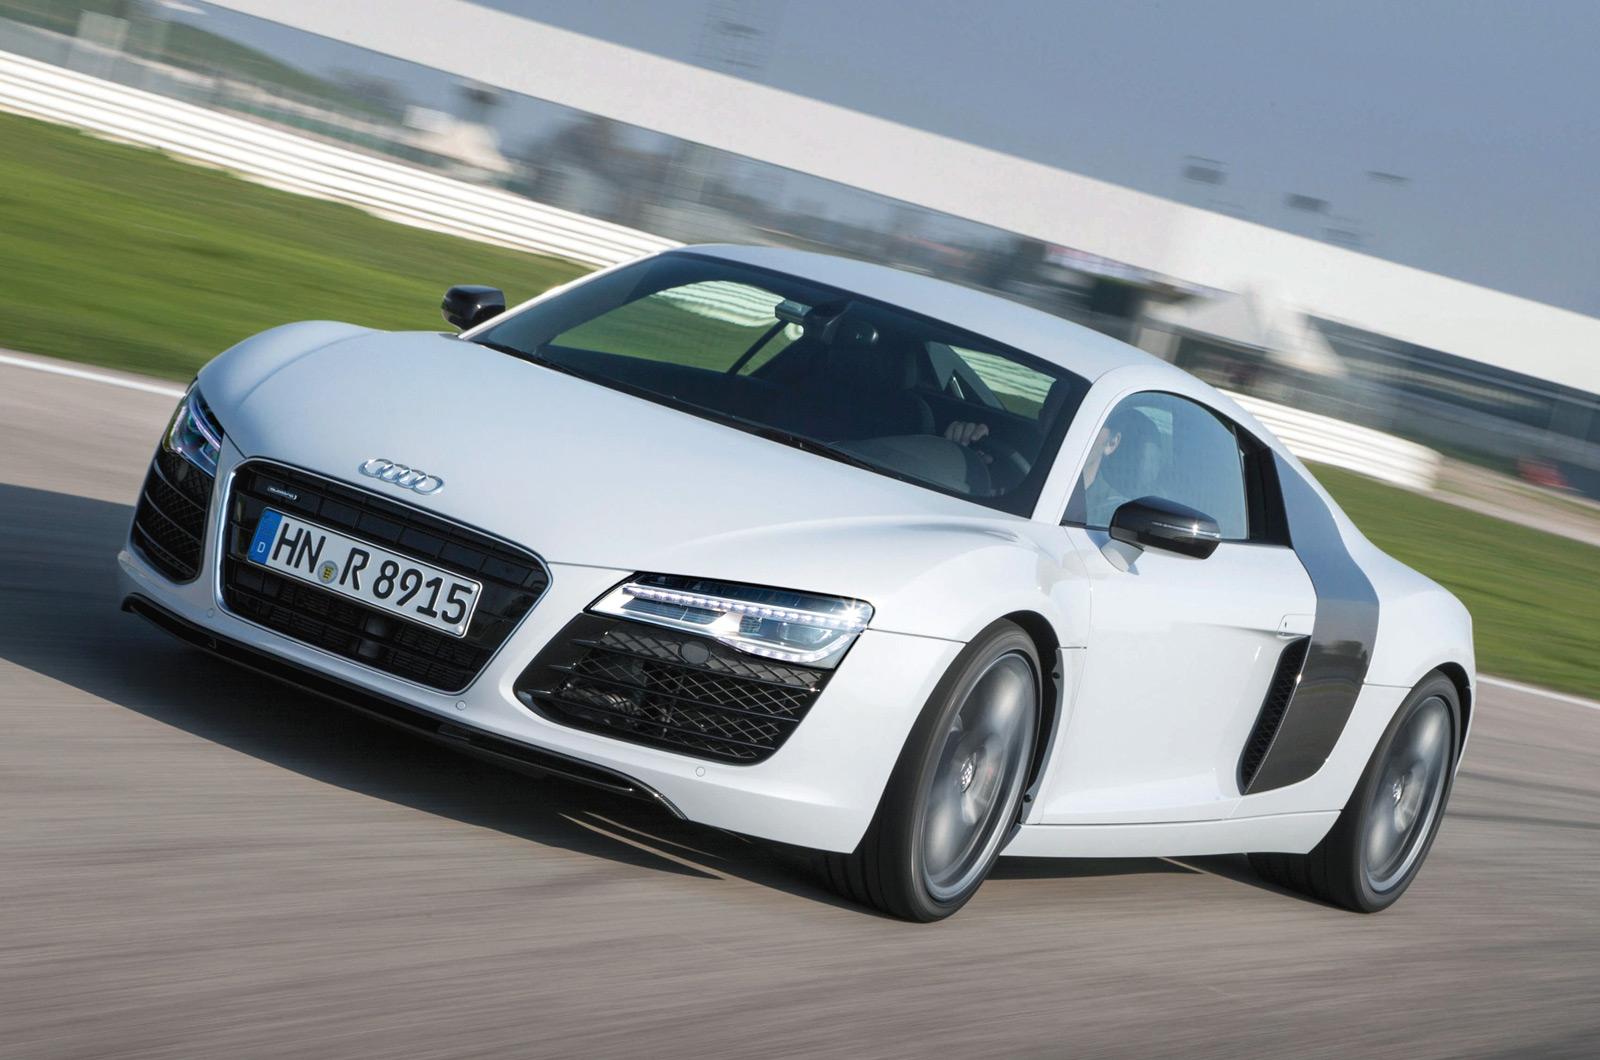 Audi q7 v12 tdi von fostla also rotary engine on audi q7 v8 tdi